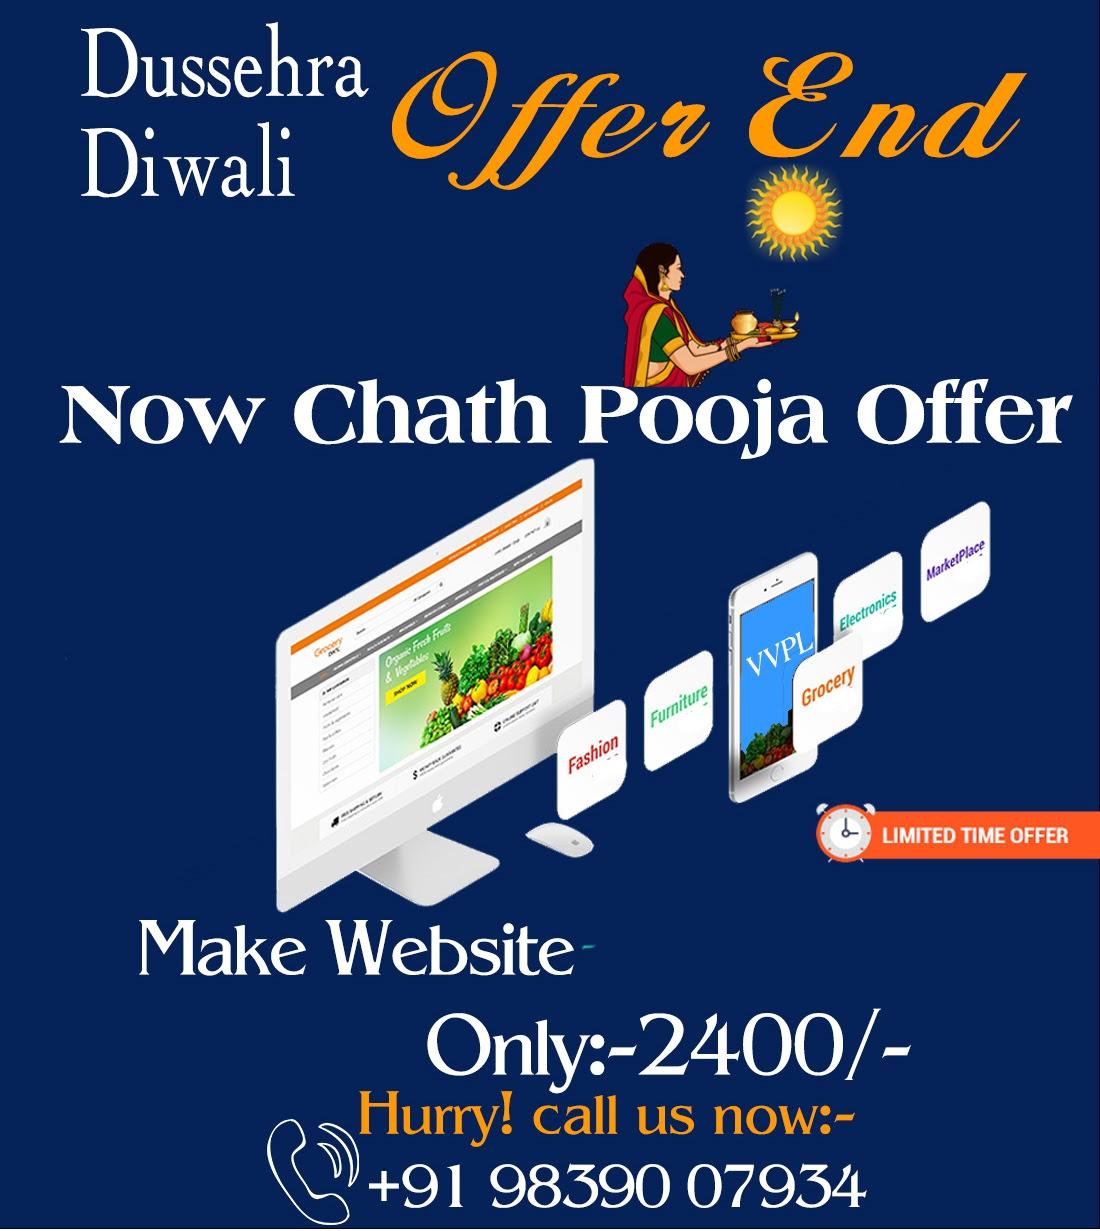 Get-your-business website